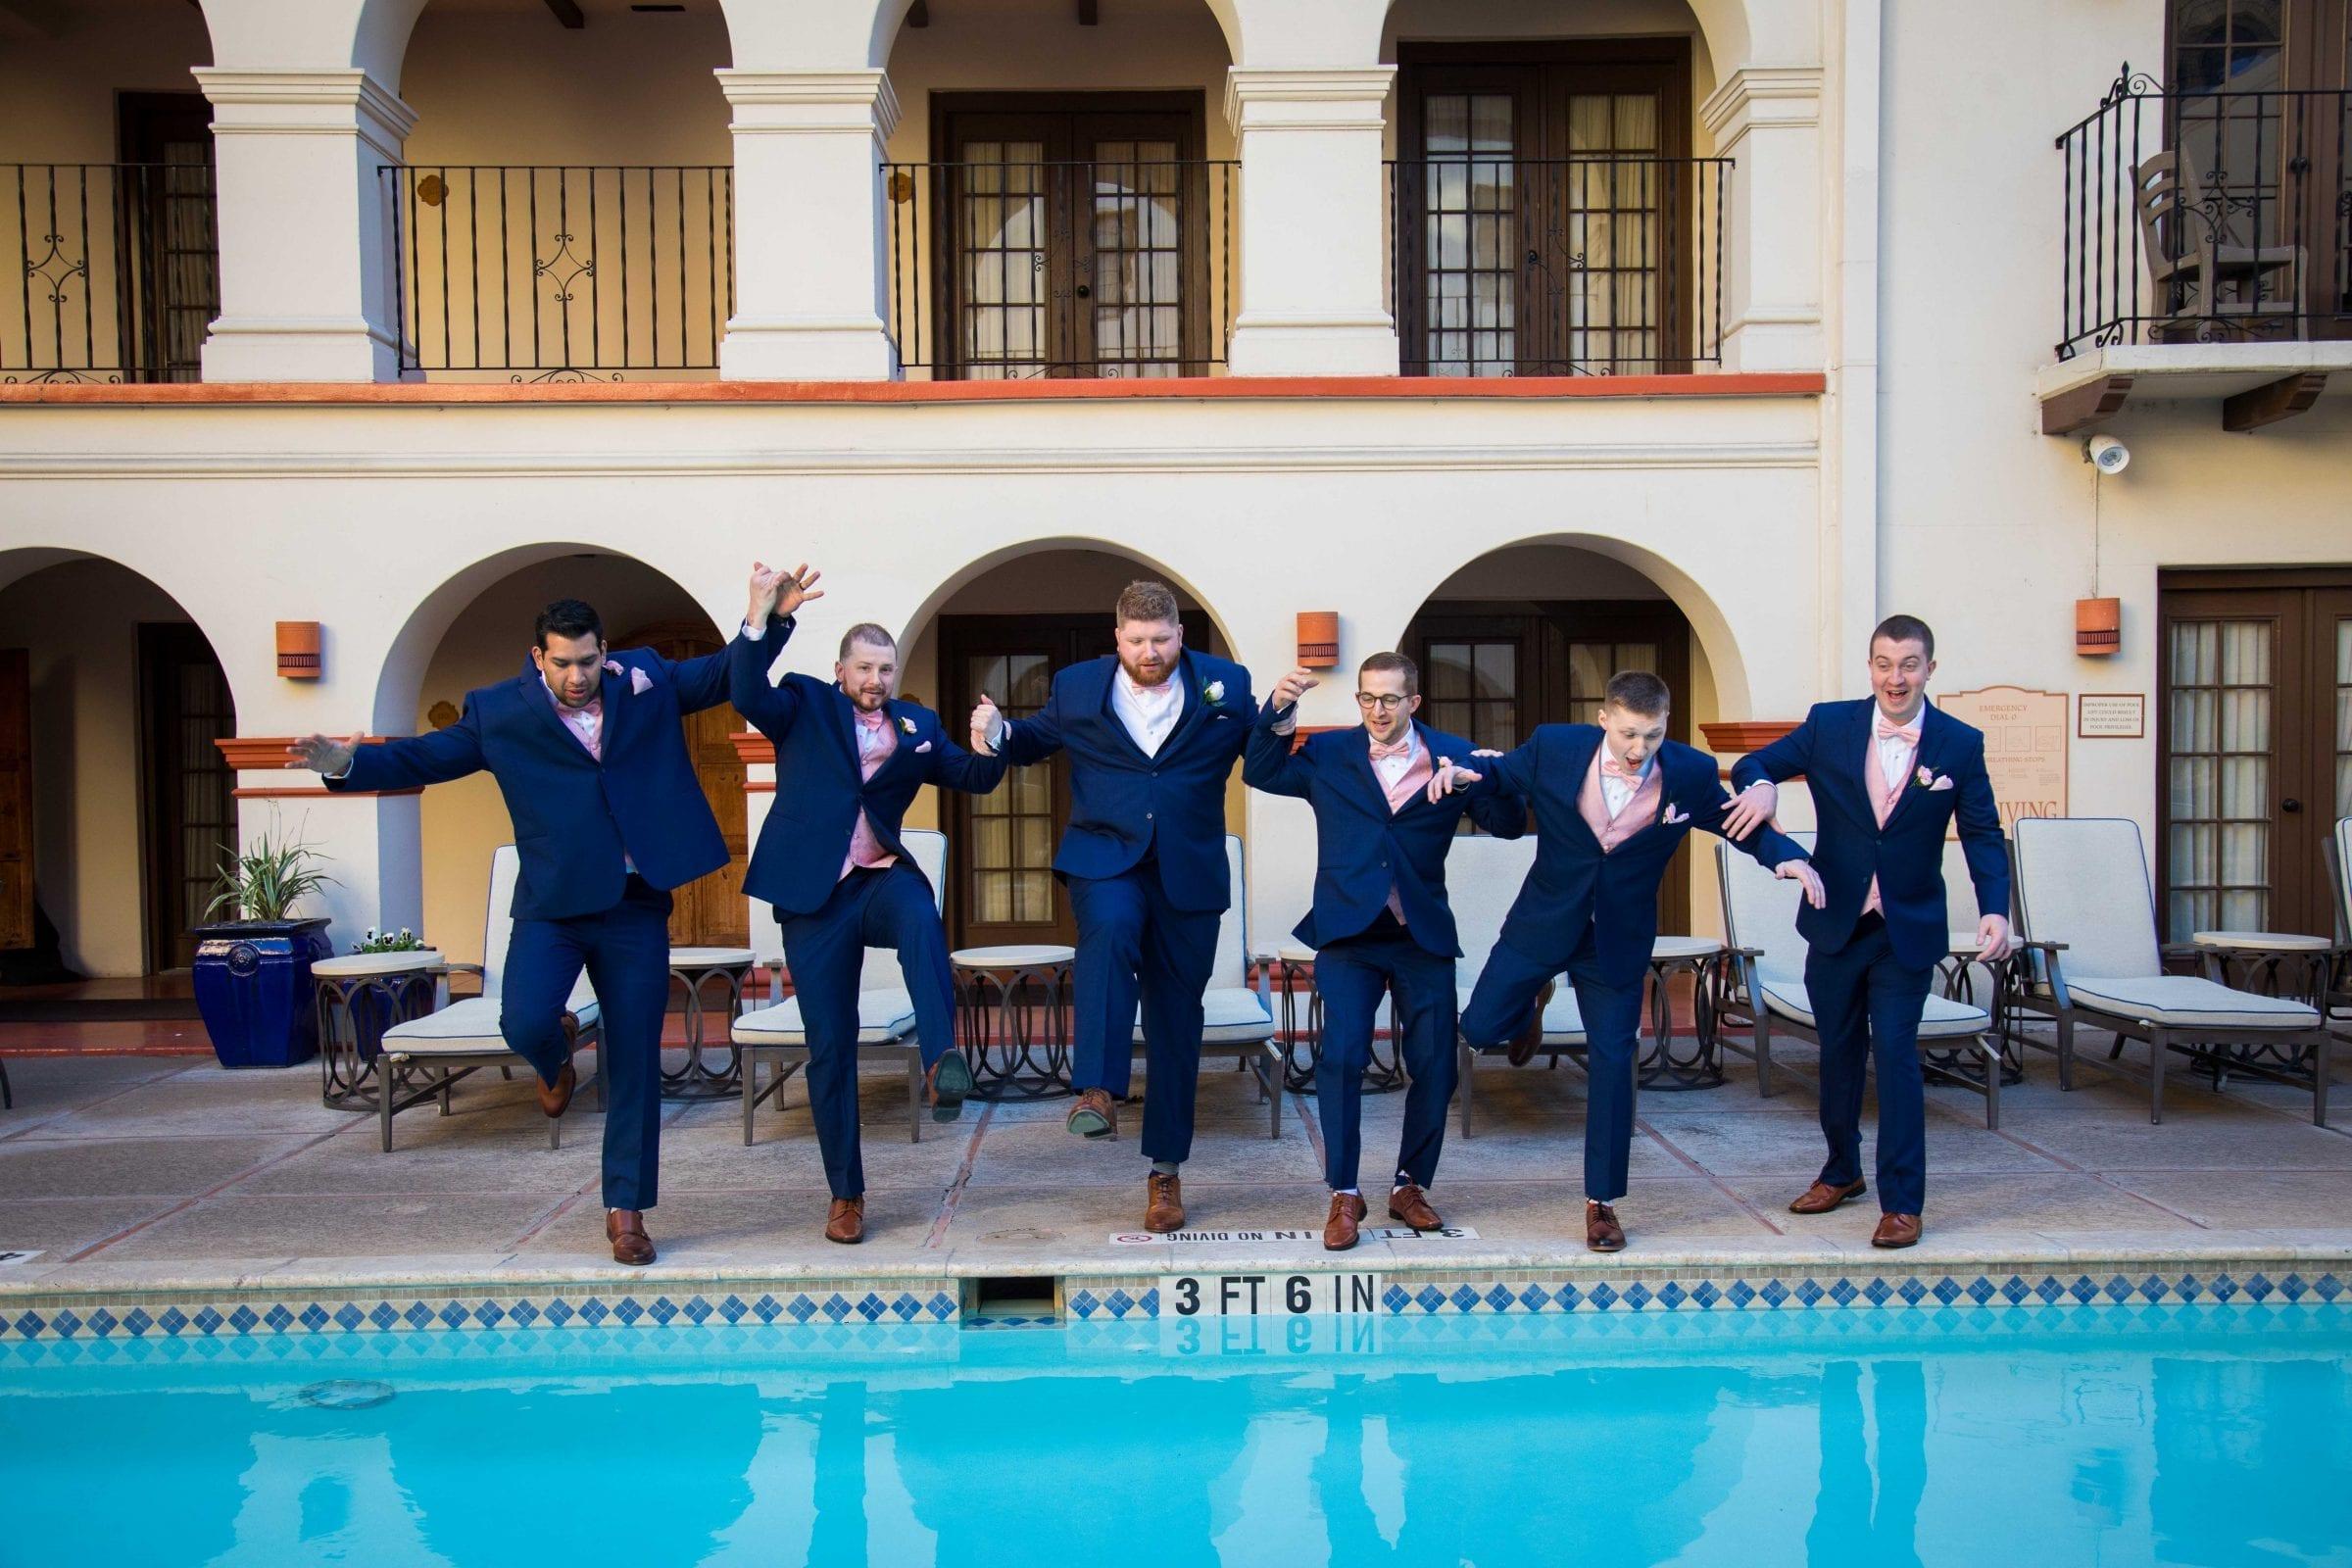 Crawford wedding Omni Del Mansion riverwalk groomsmen in pool